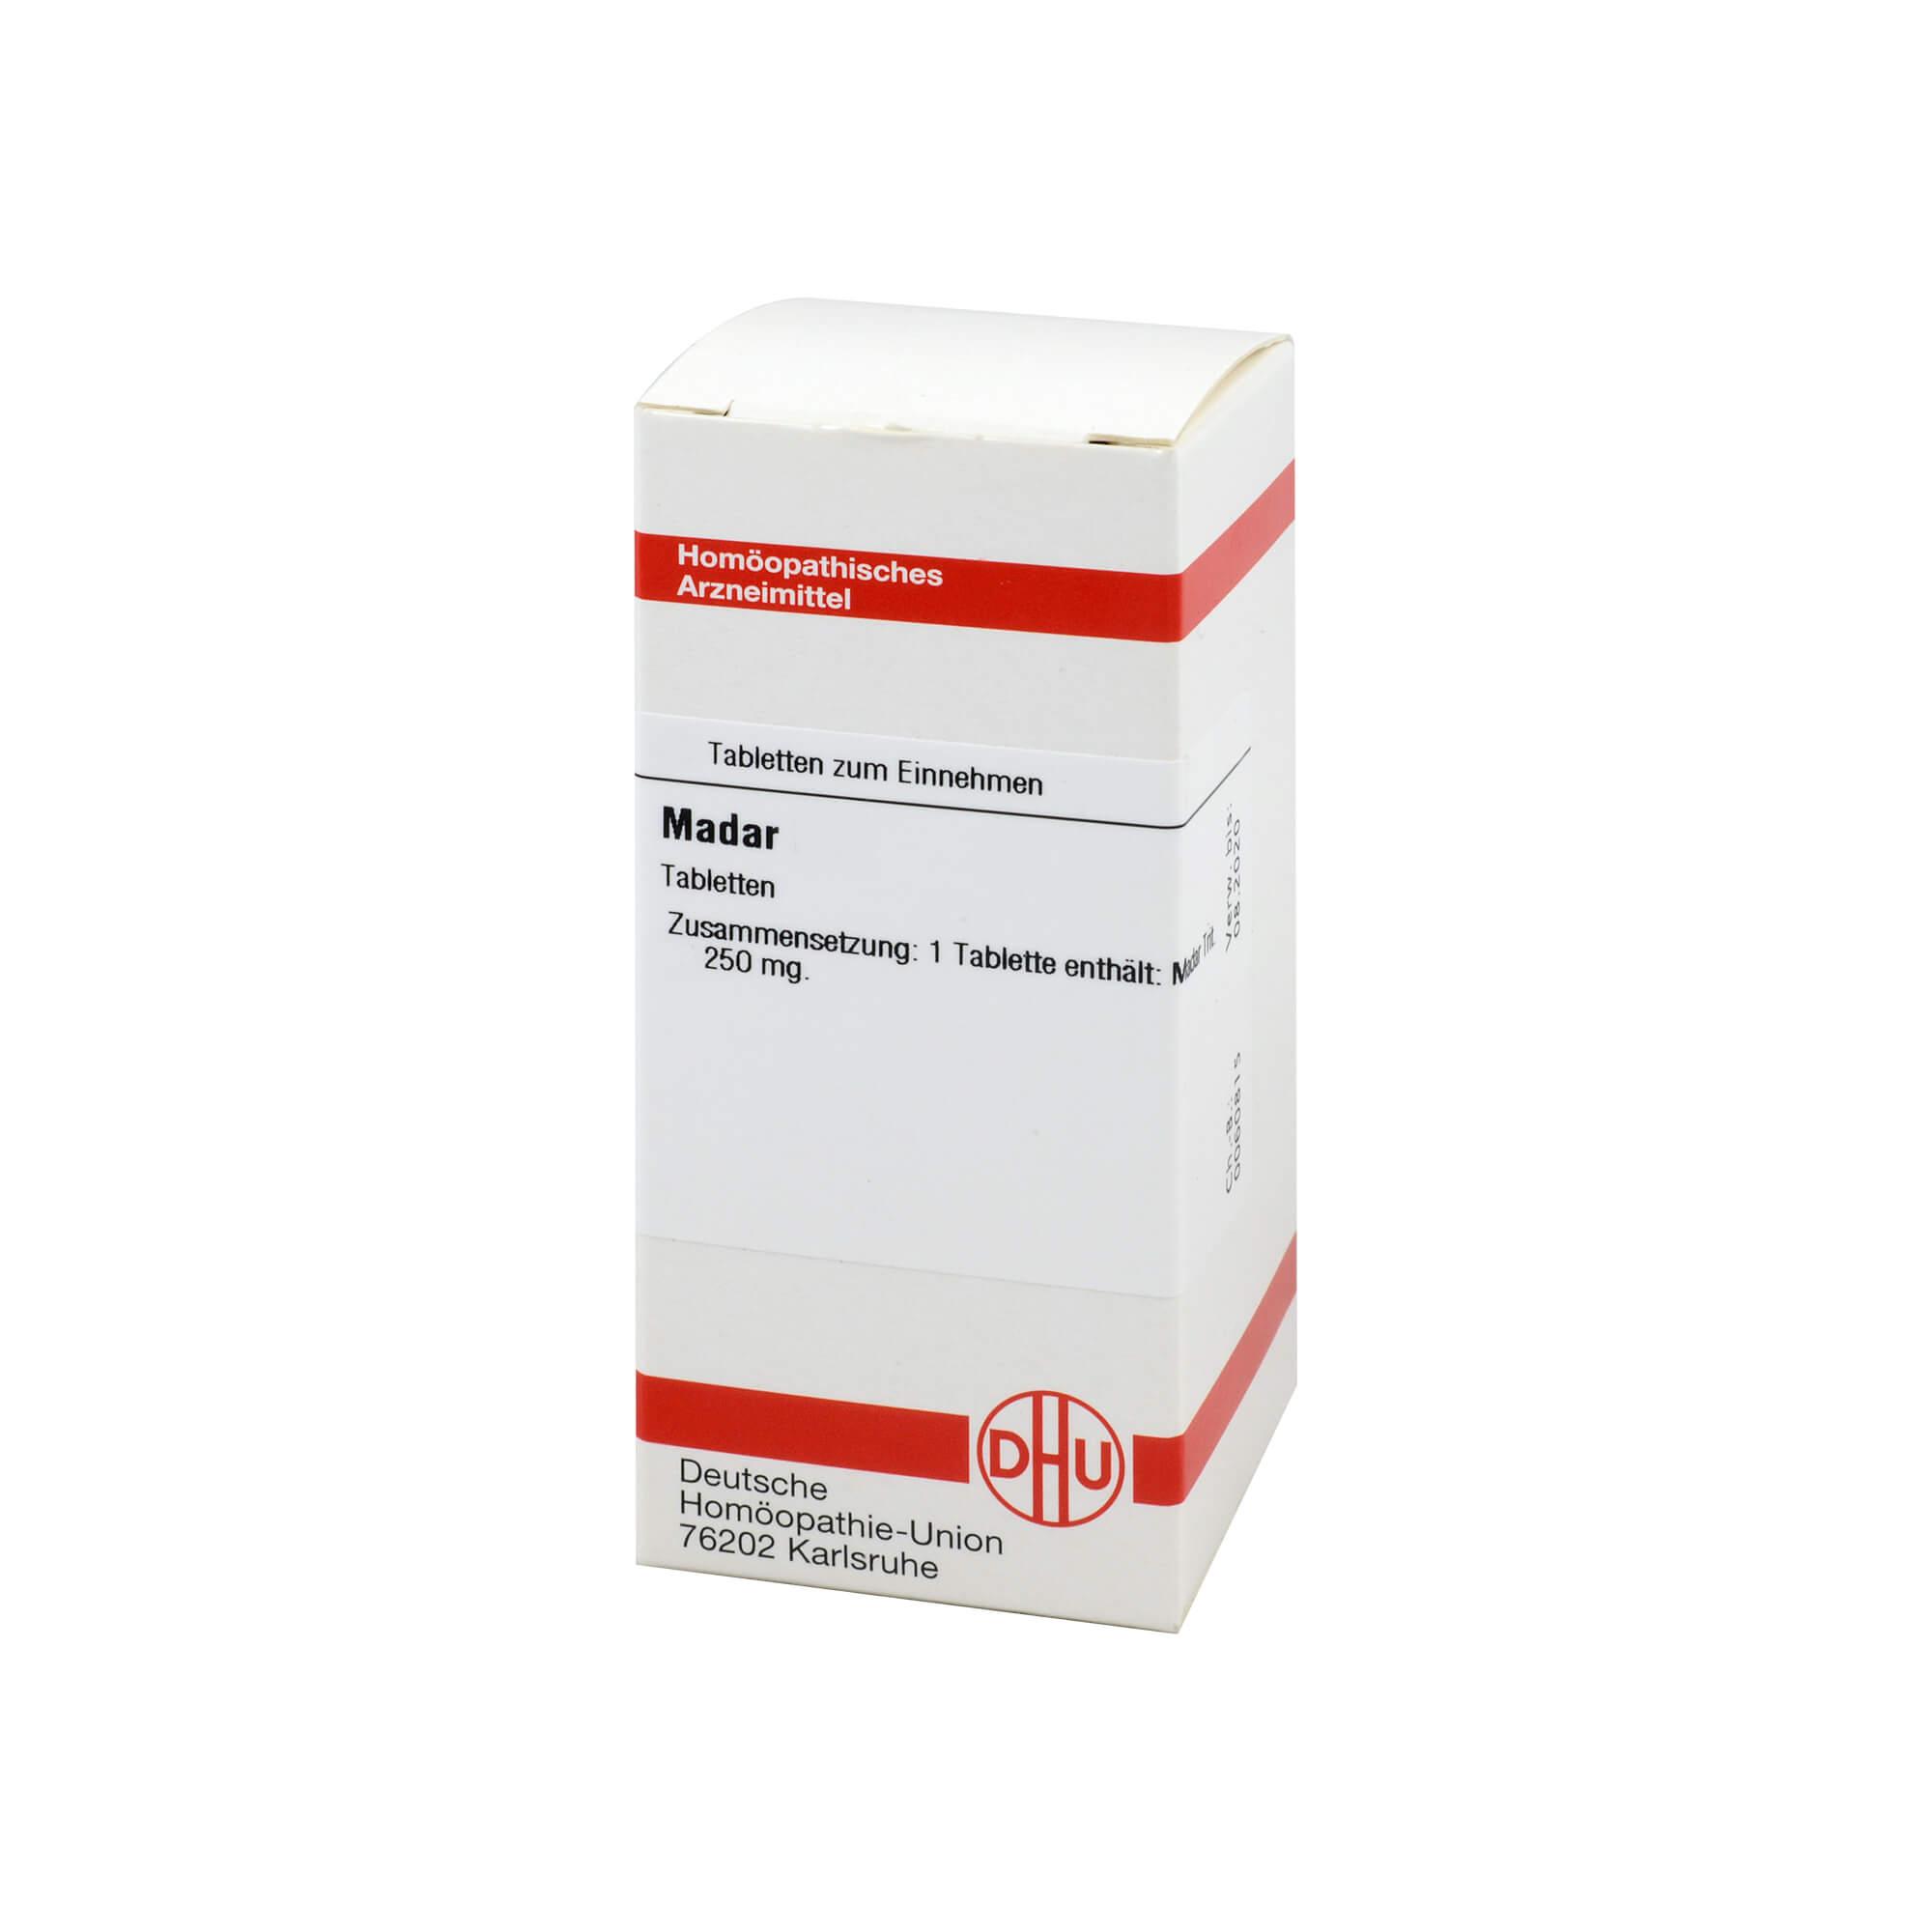 Gesundheit & Wohlbefinden MADAR D 4 Tabletten